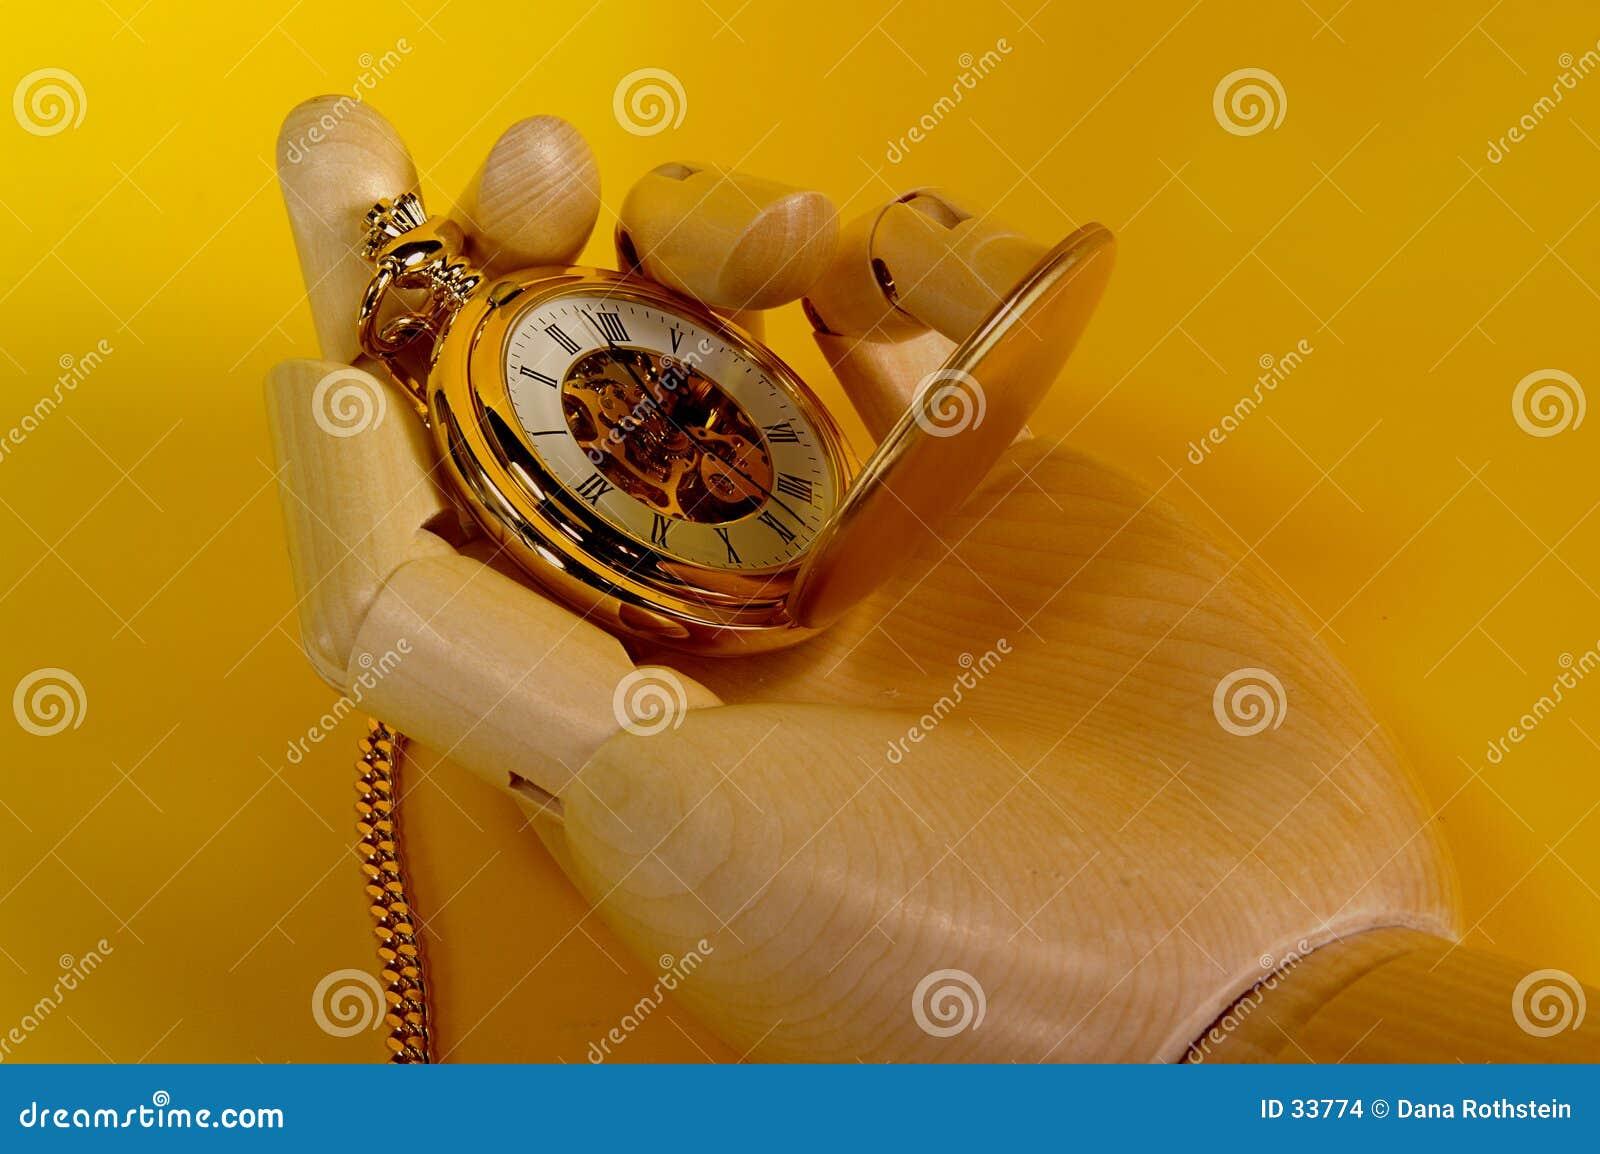 Download Decir tiempo foto de archivo. Imagen de tiempo, extracto - 33774